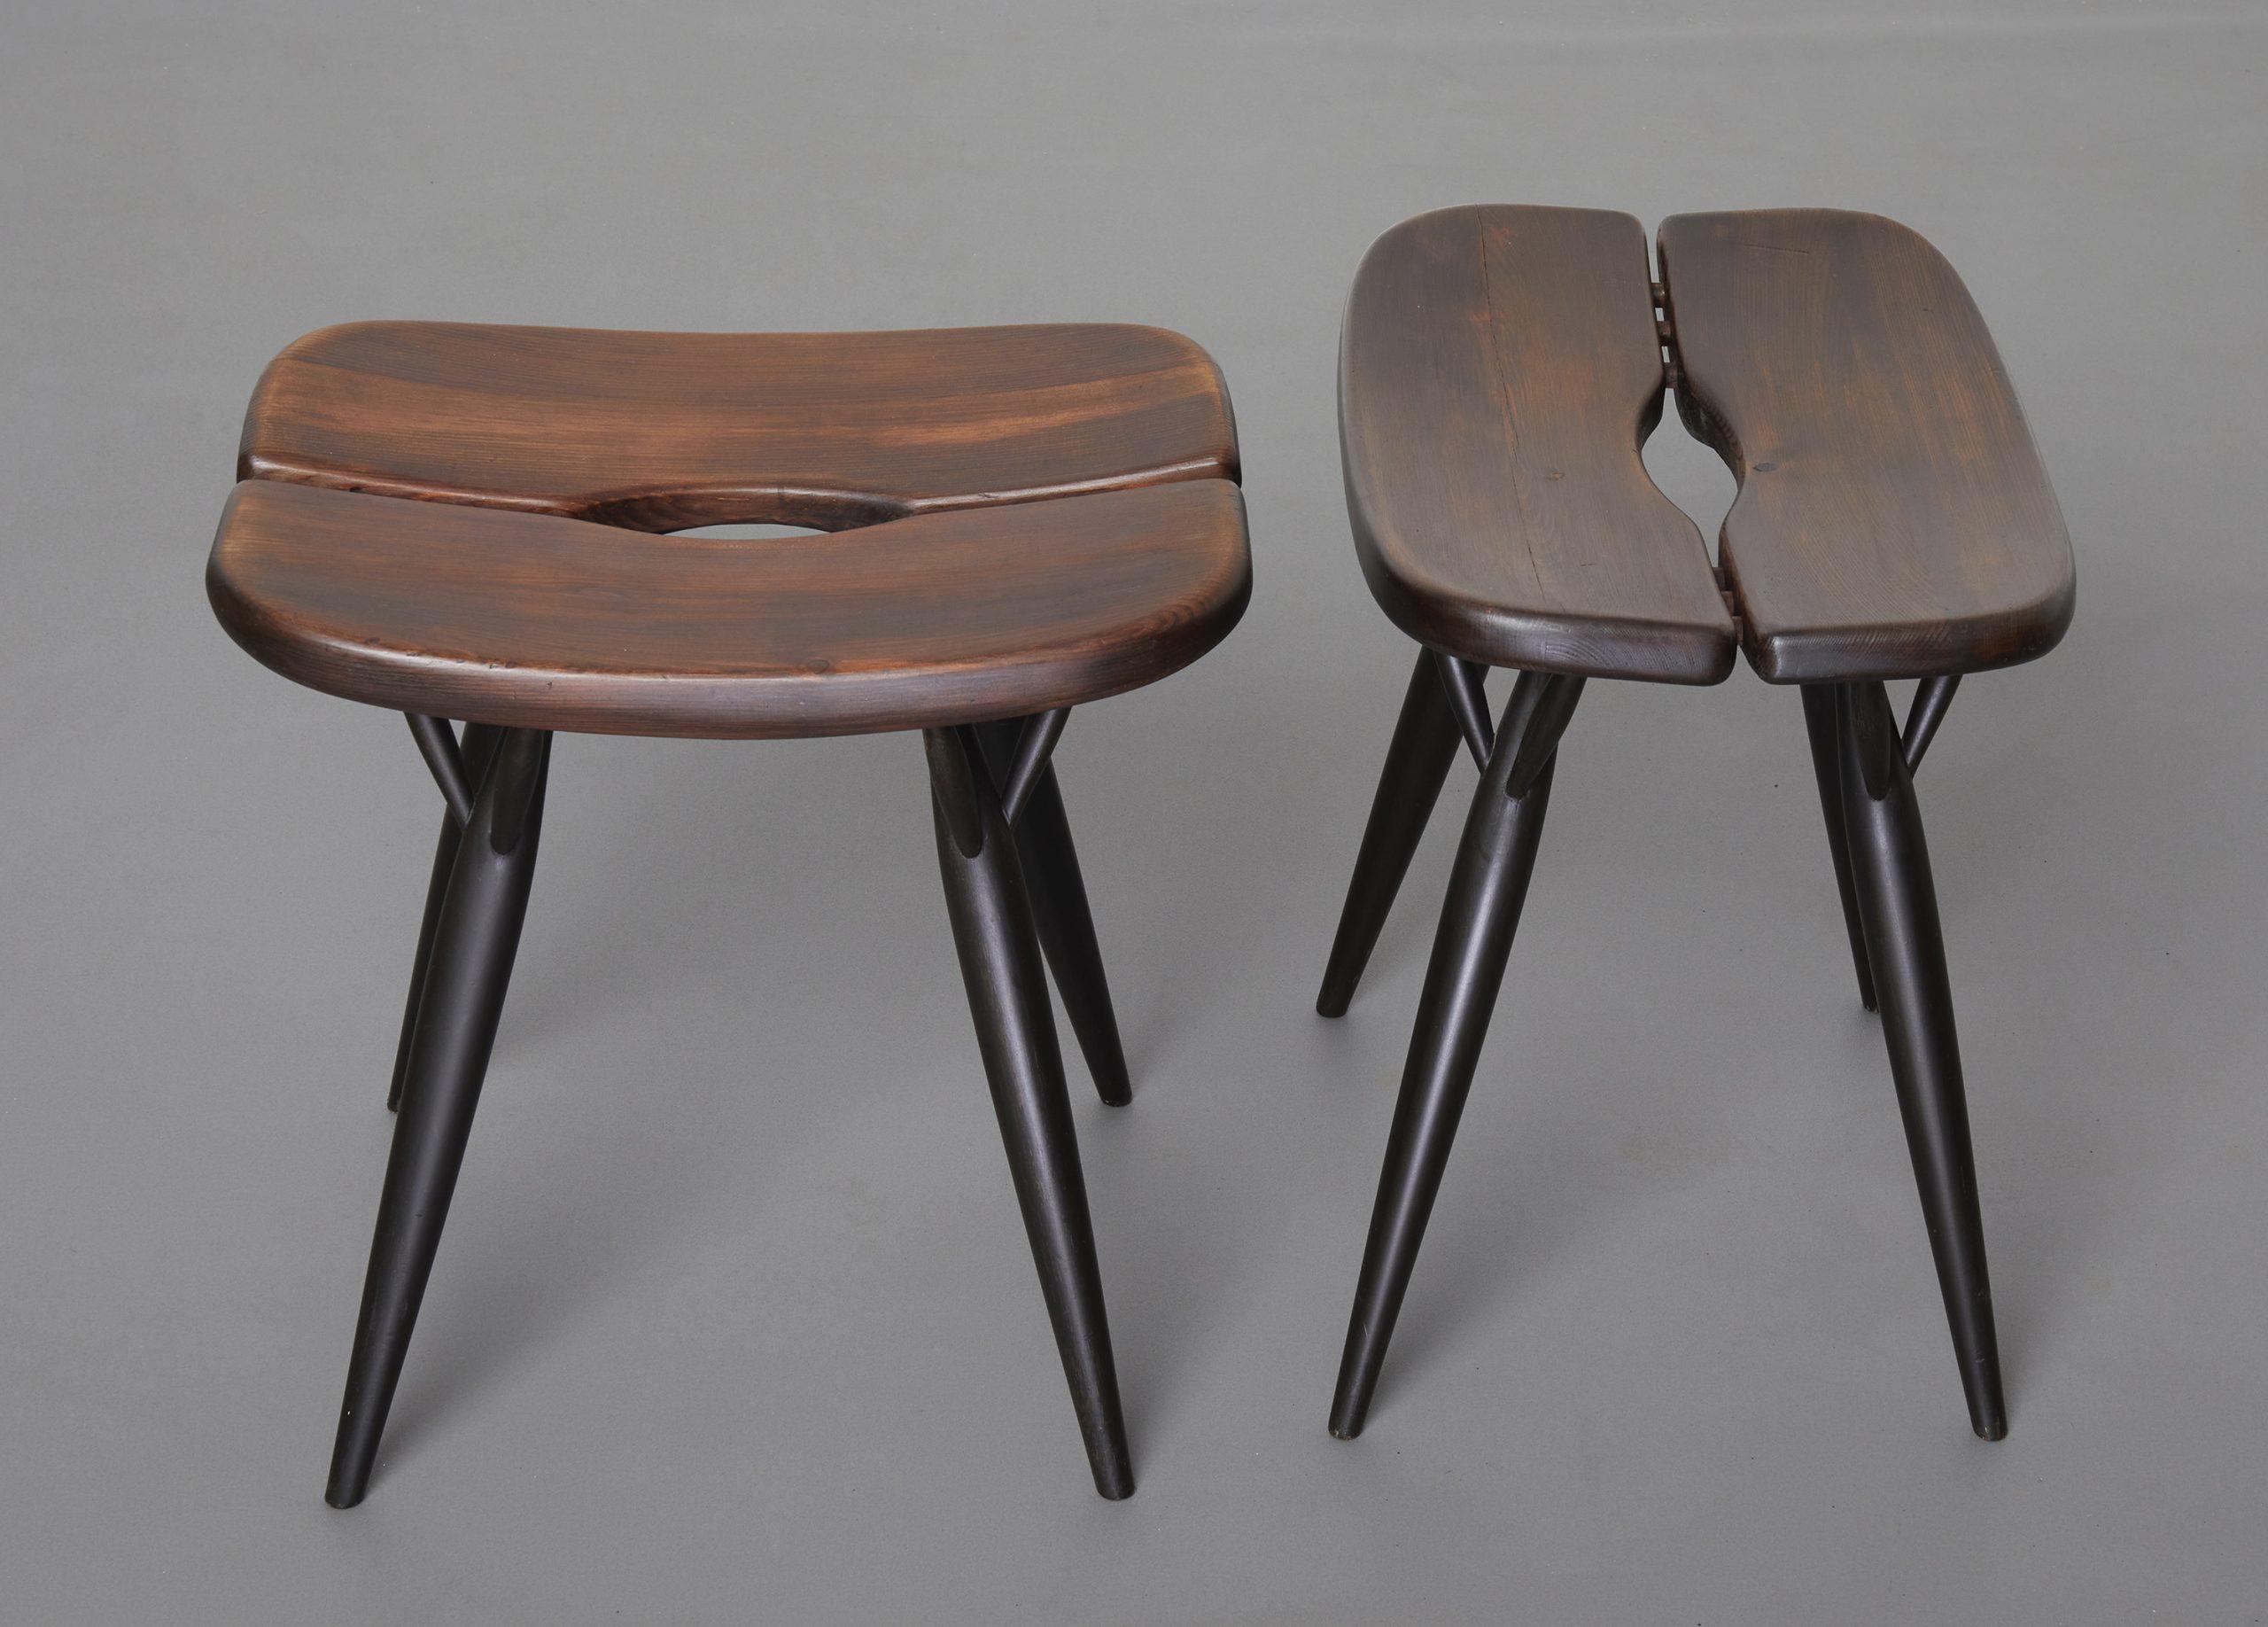 pair-of-pirkka-stools-by-ilmari-tapiovaara-1955-image-02